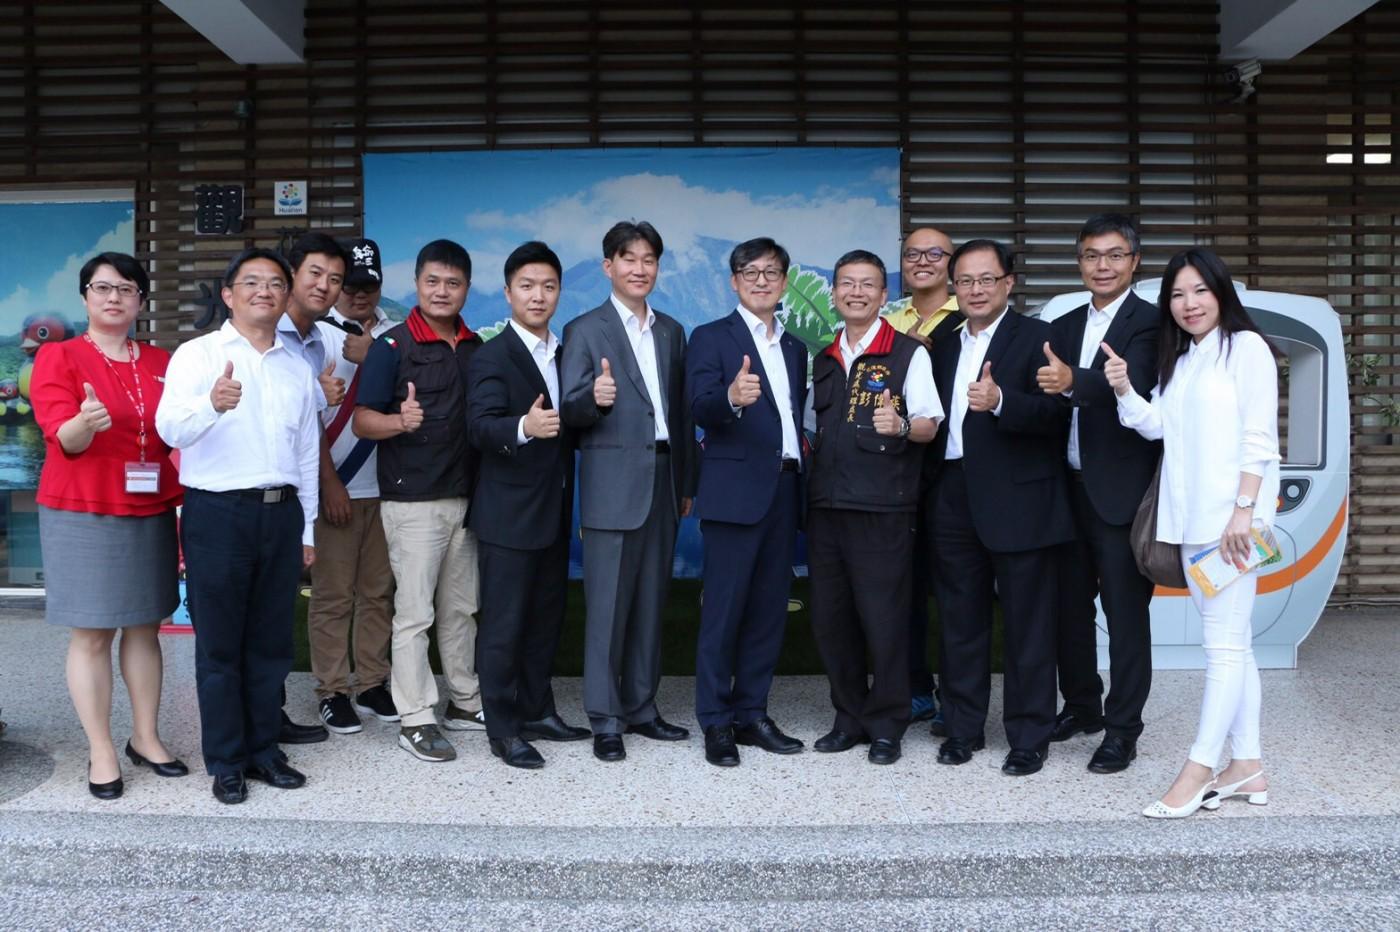 台新銀行攜手韓亞銀行 為全台首間開拓跨境O2O商機之銀行